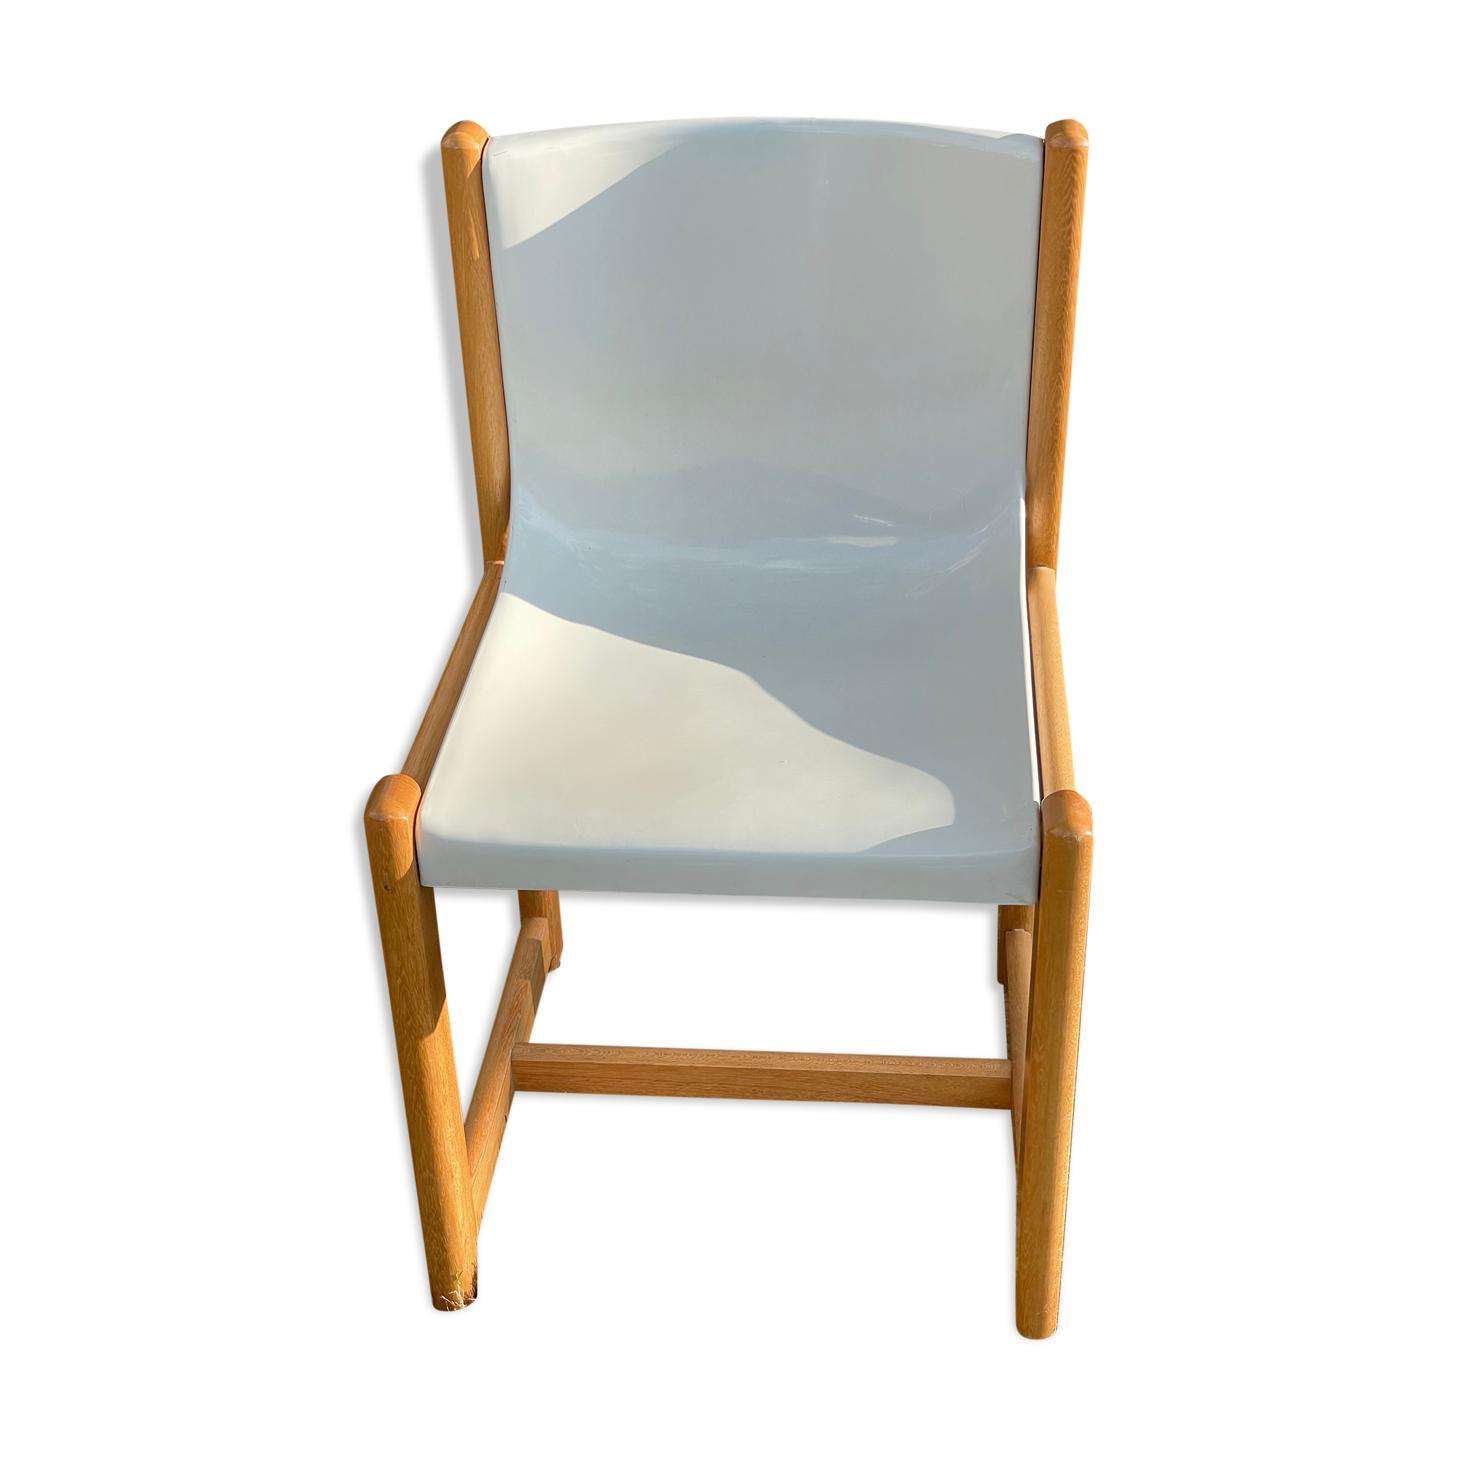 Chaise Gautier en plastique thermomoulé blanche et bois